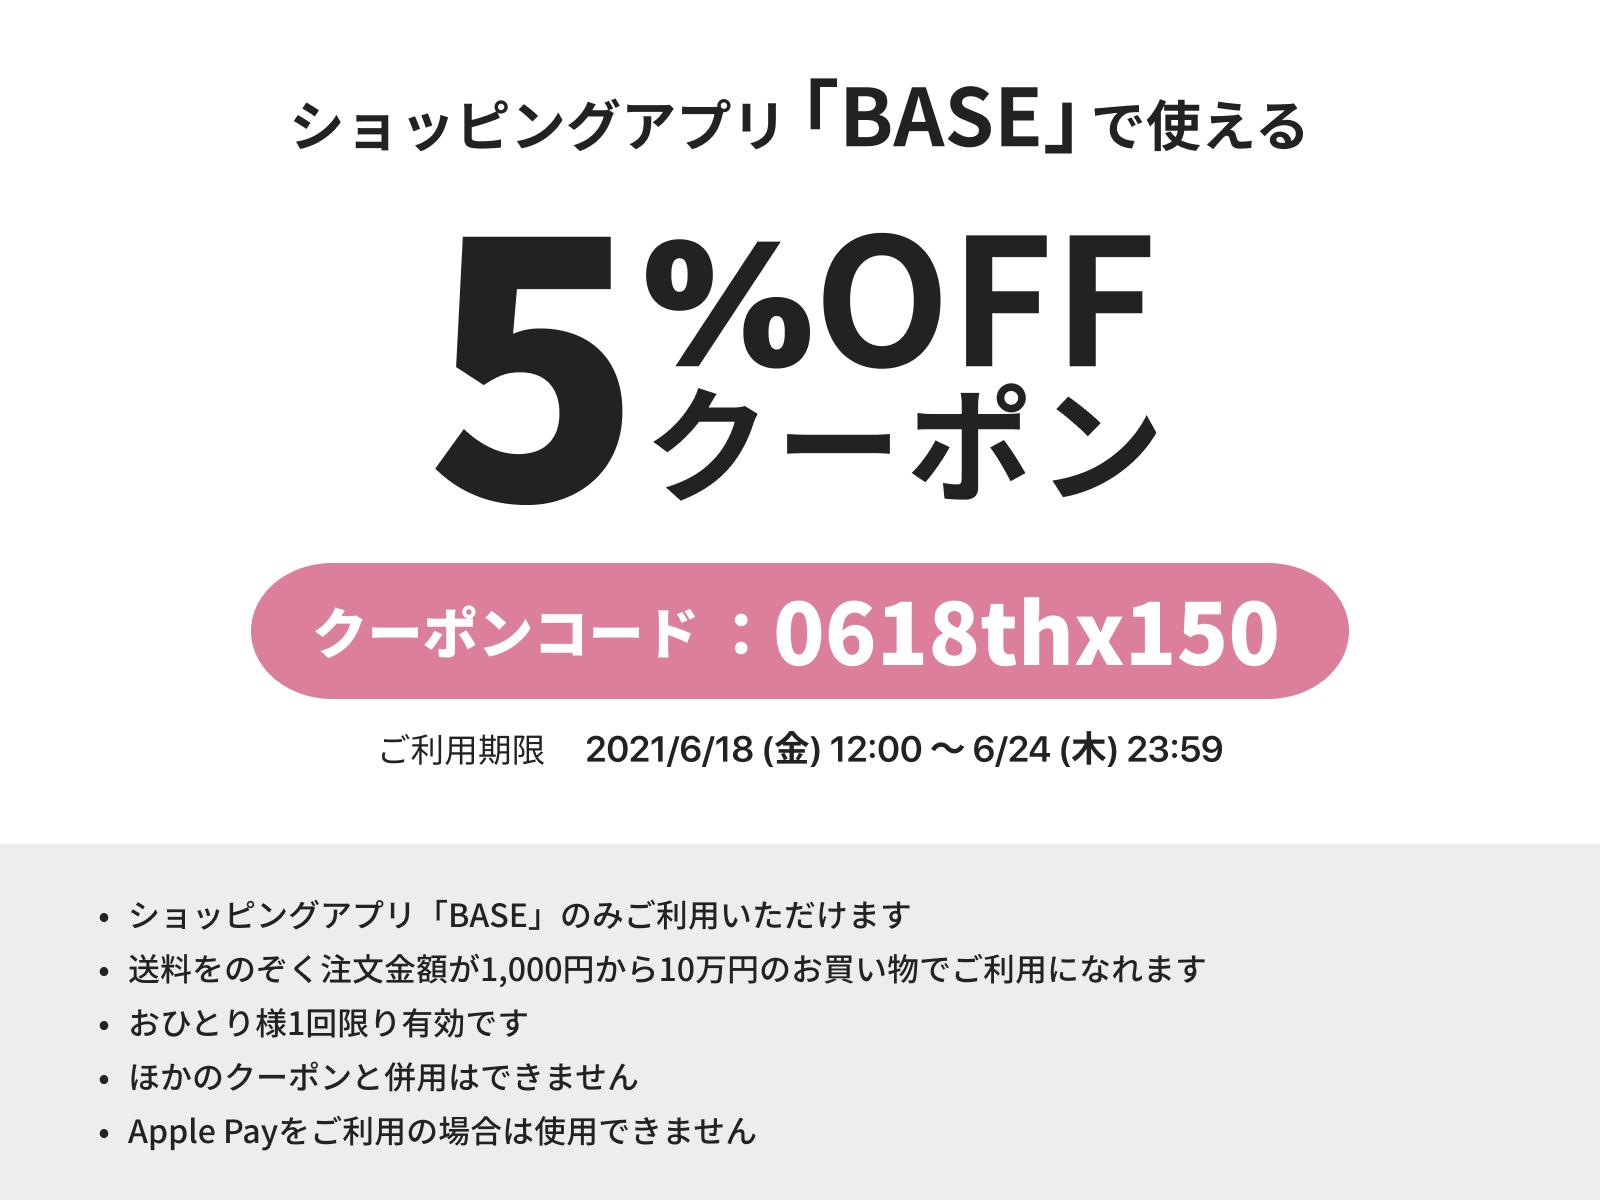 予告【キャンペーンのご案内】6/18~6/24 期間限定イベントです!!